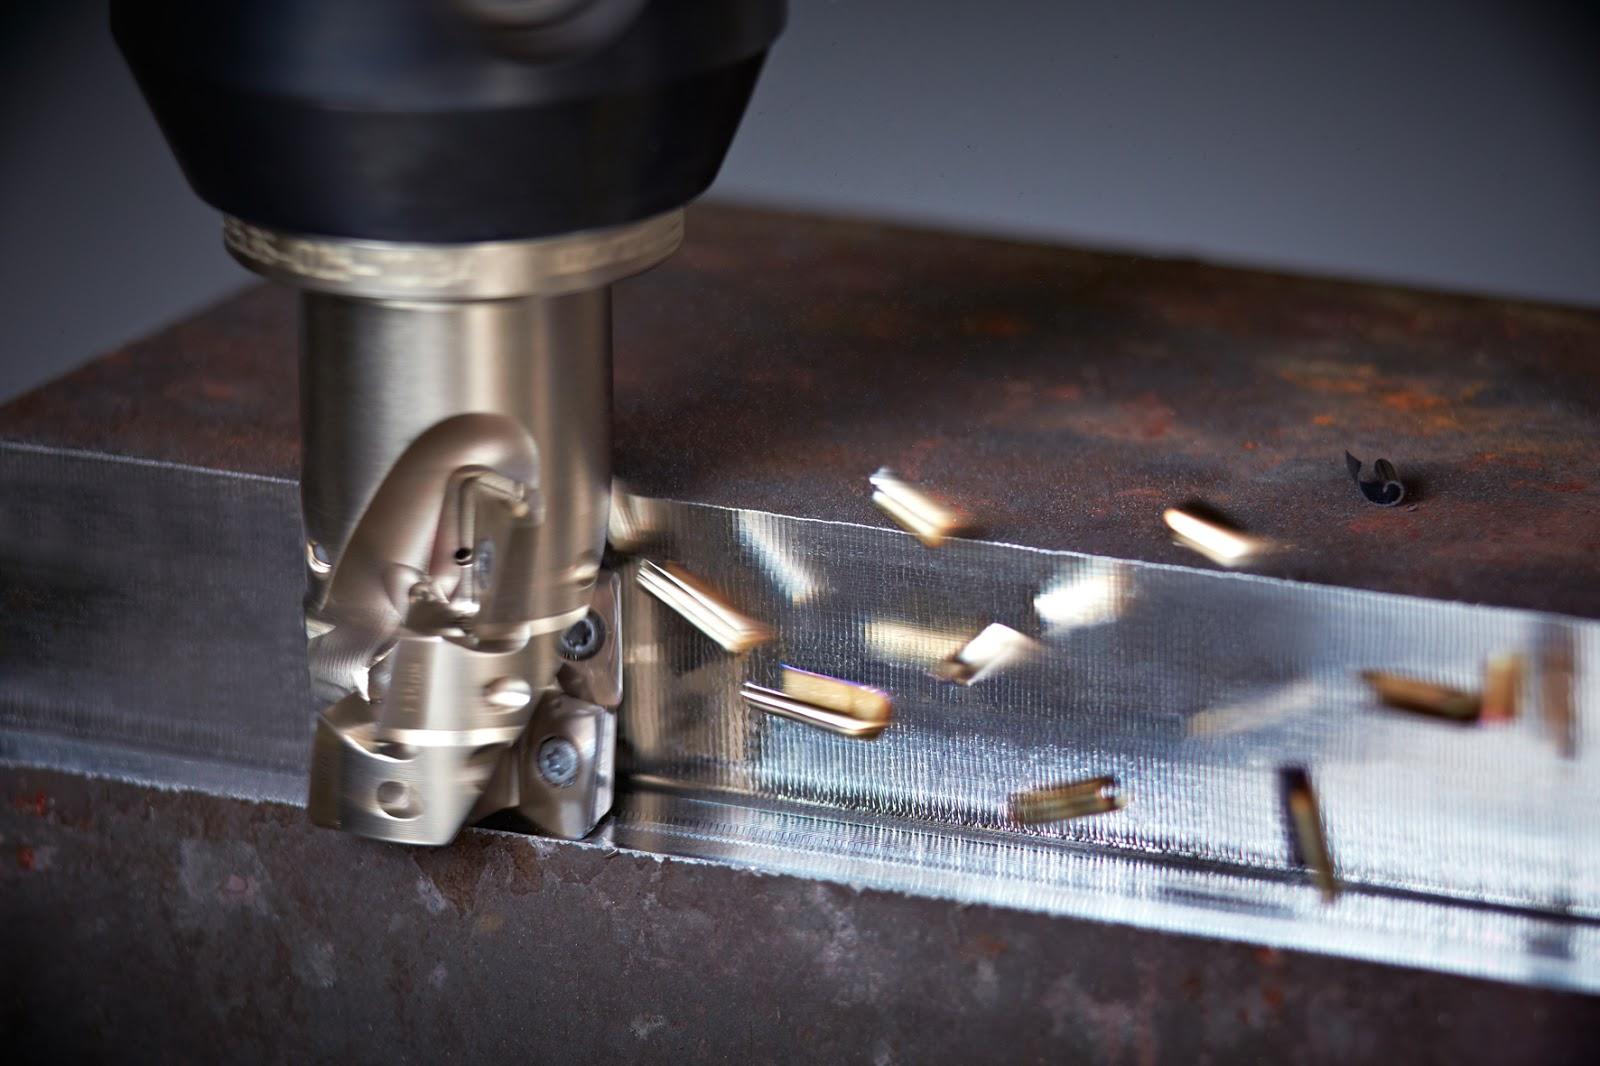 Vật liệu cắt gọt và mài kim loại phần 1 - Hợp kim cứng - 1